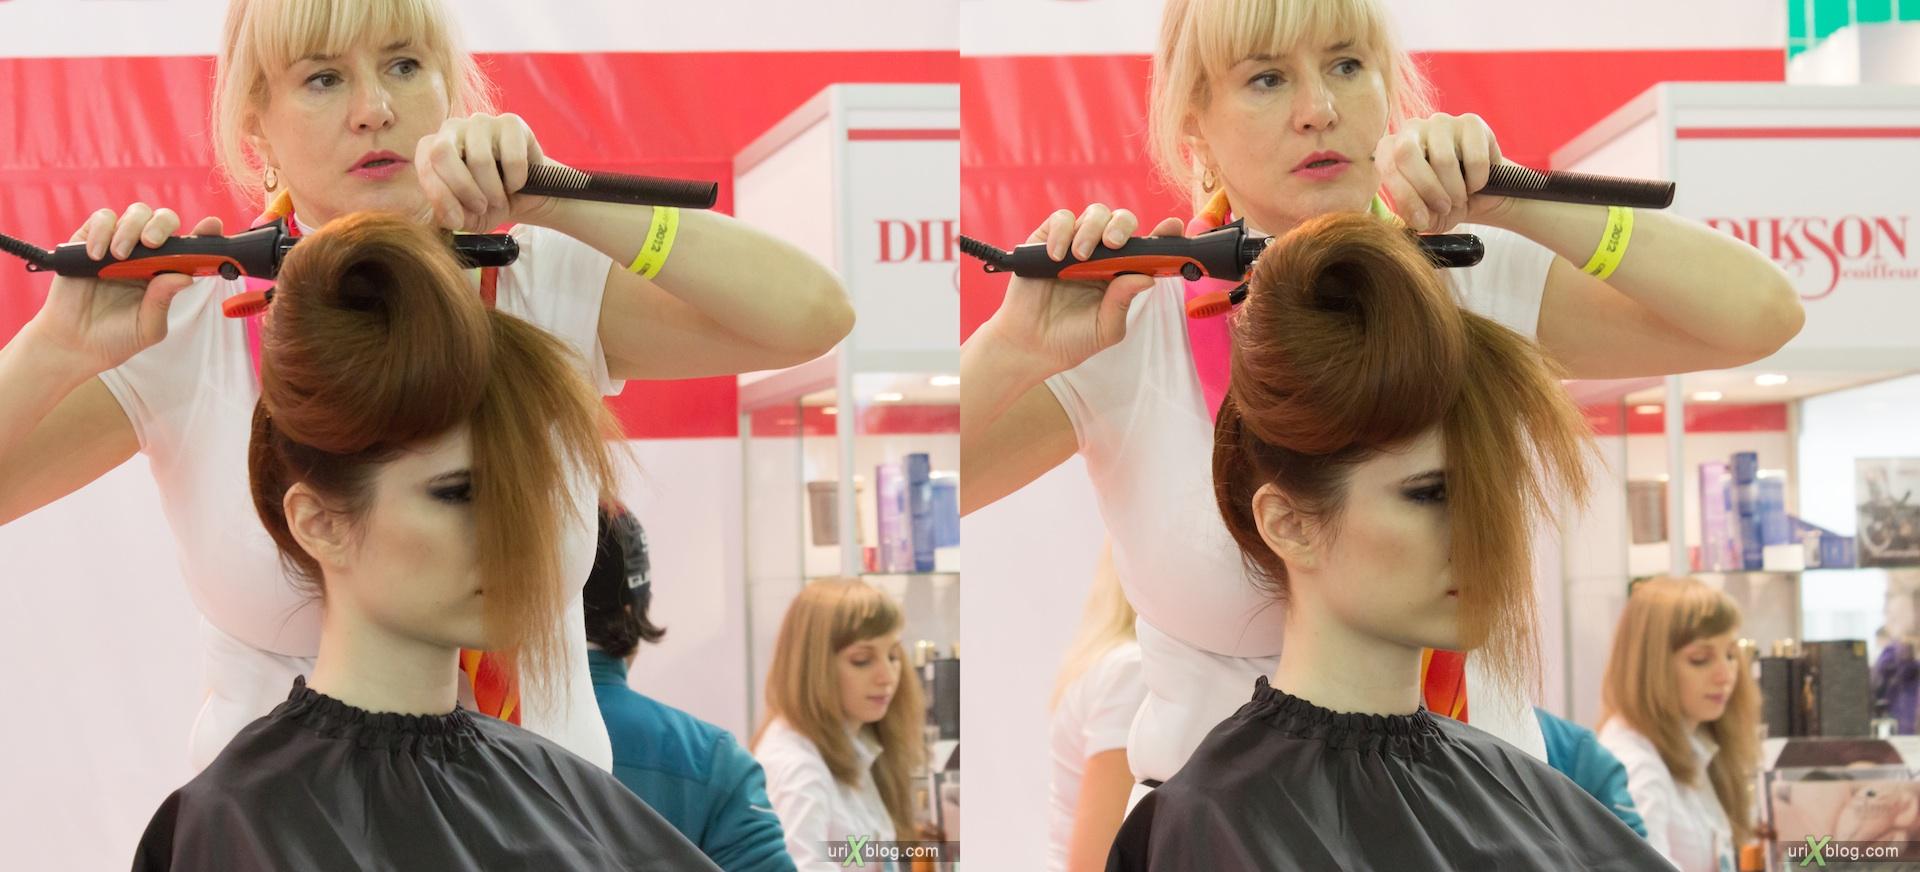 2012, interCharm, выставка, Крокус Экспо, Москва, девушки, модели, 3D, перекрёстные стереопары, стерео, стереопара, стереопары